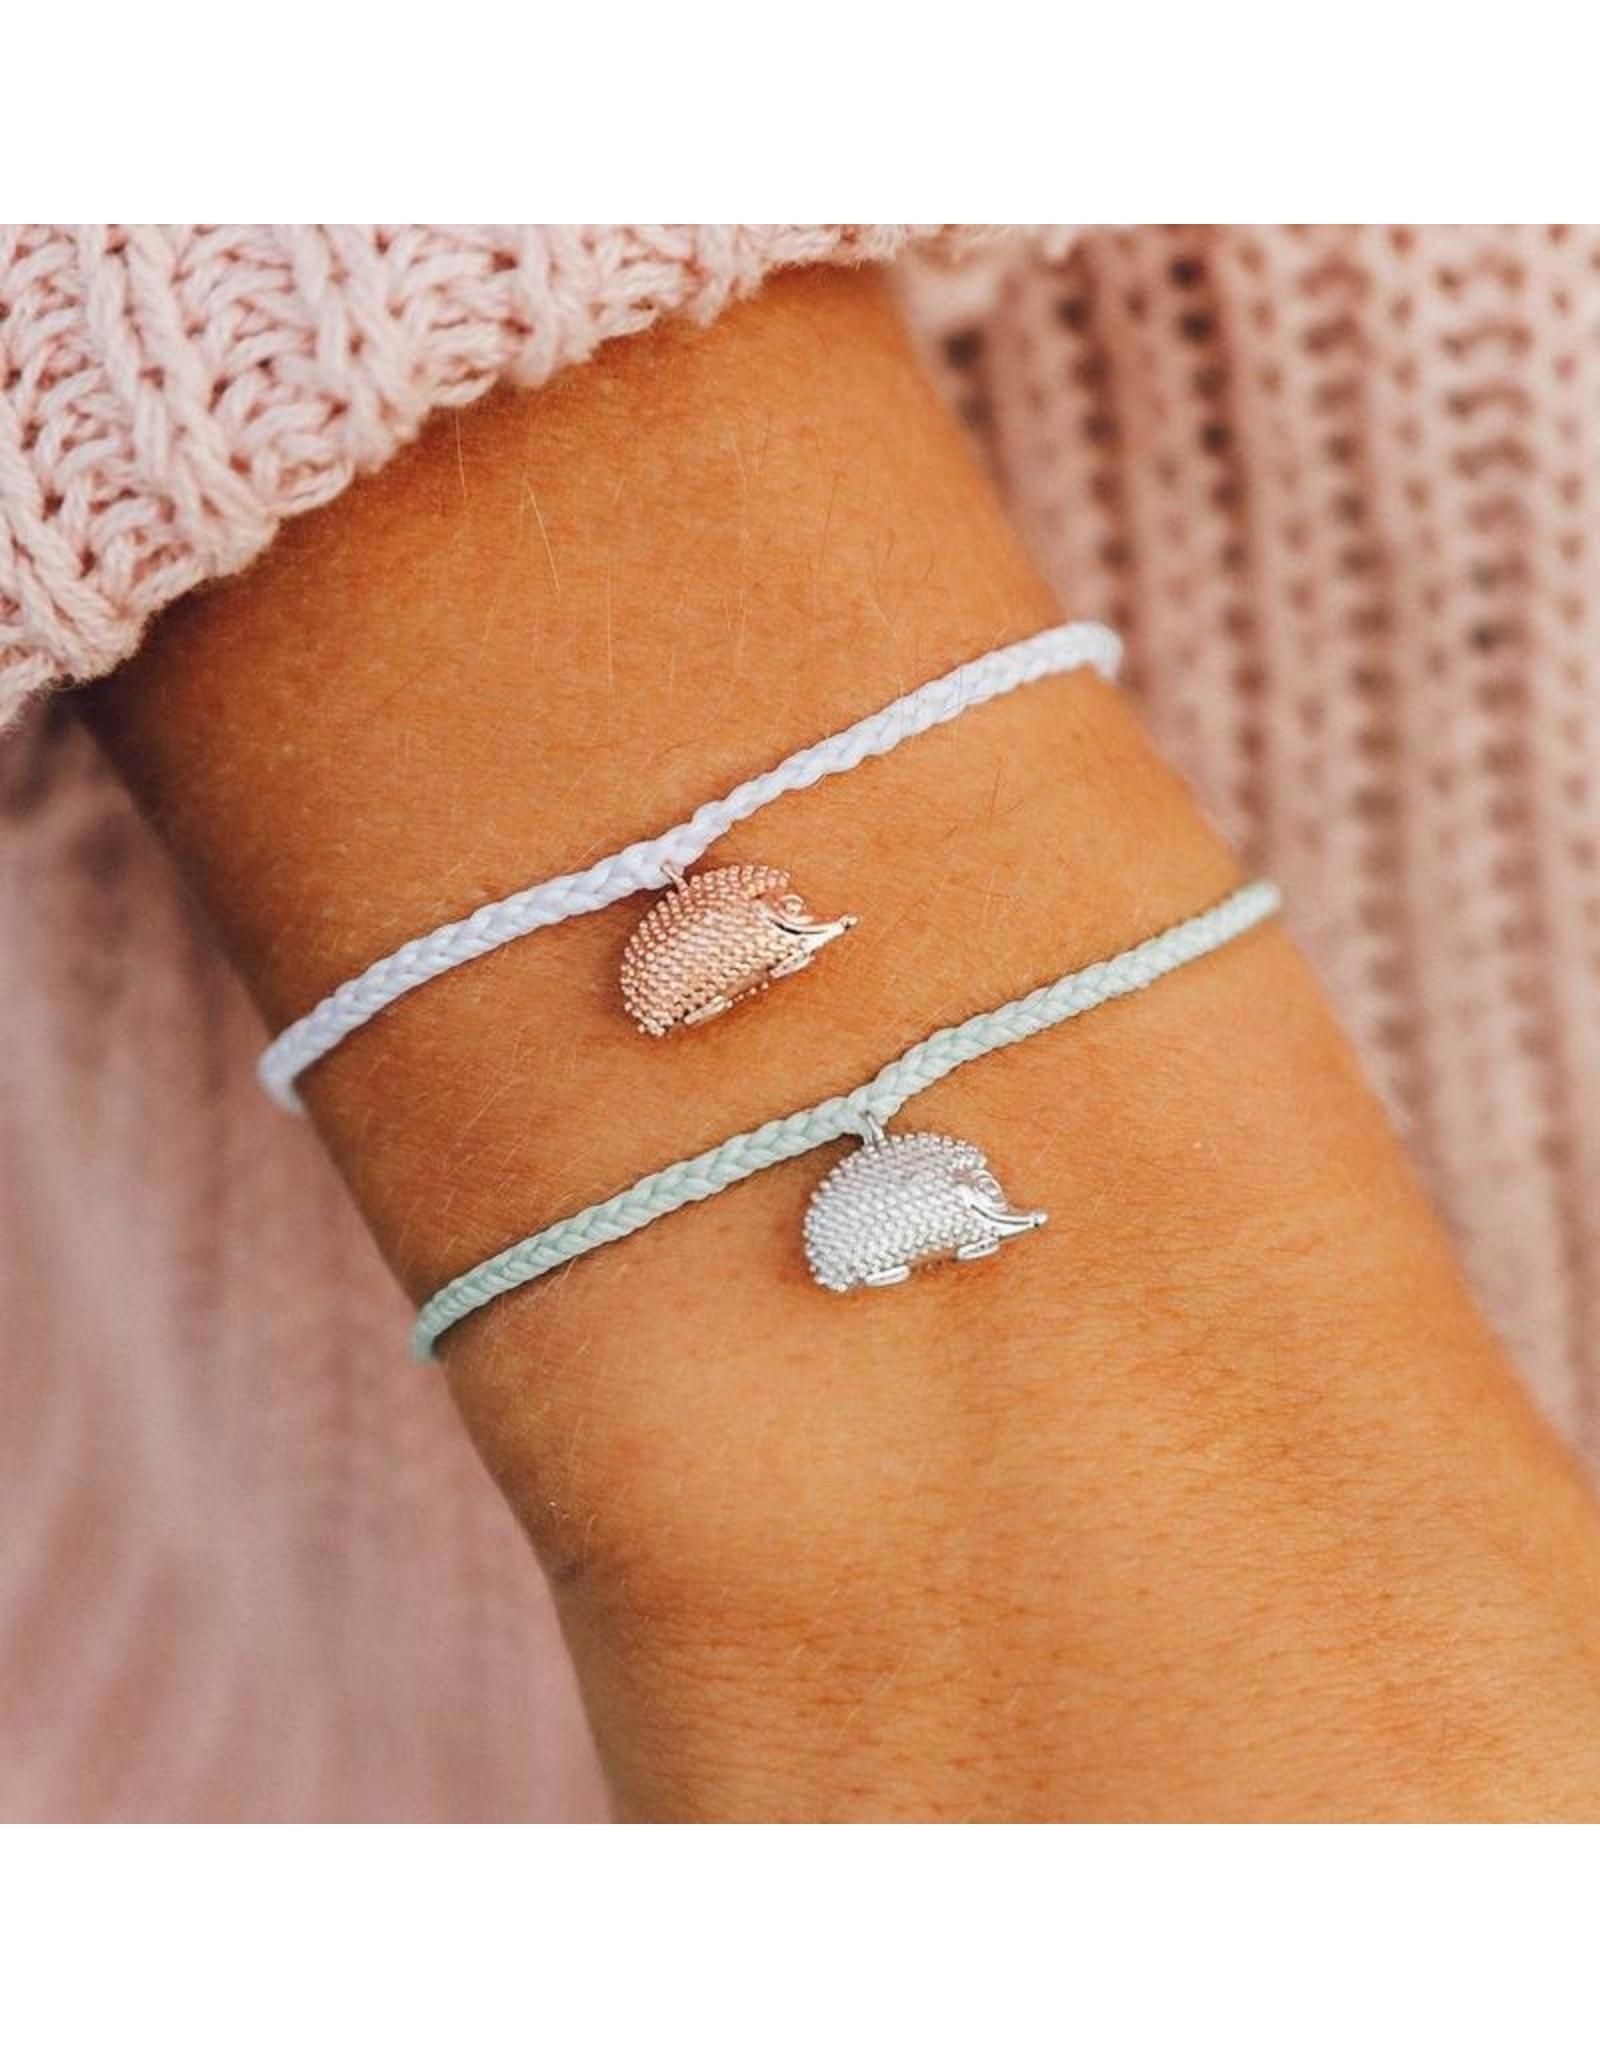 Pura Vida Hedgehog Bracelet, White